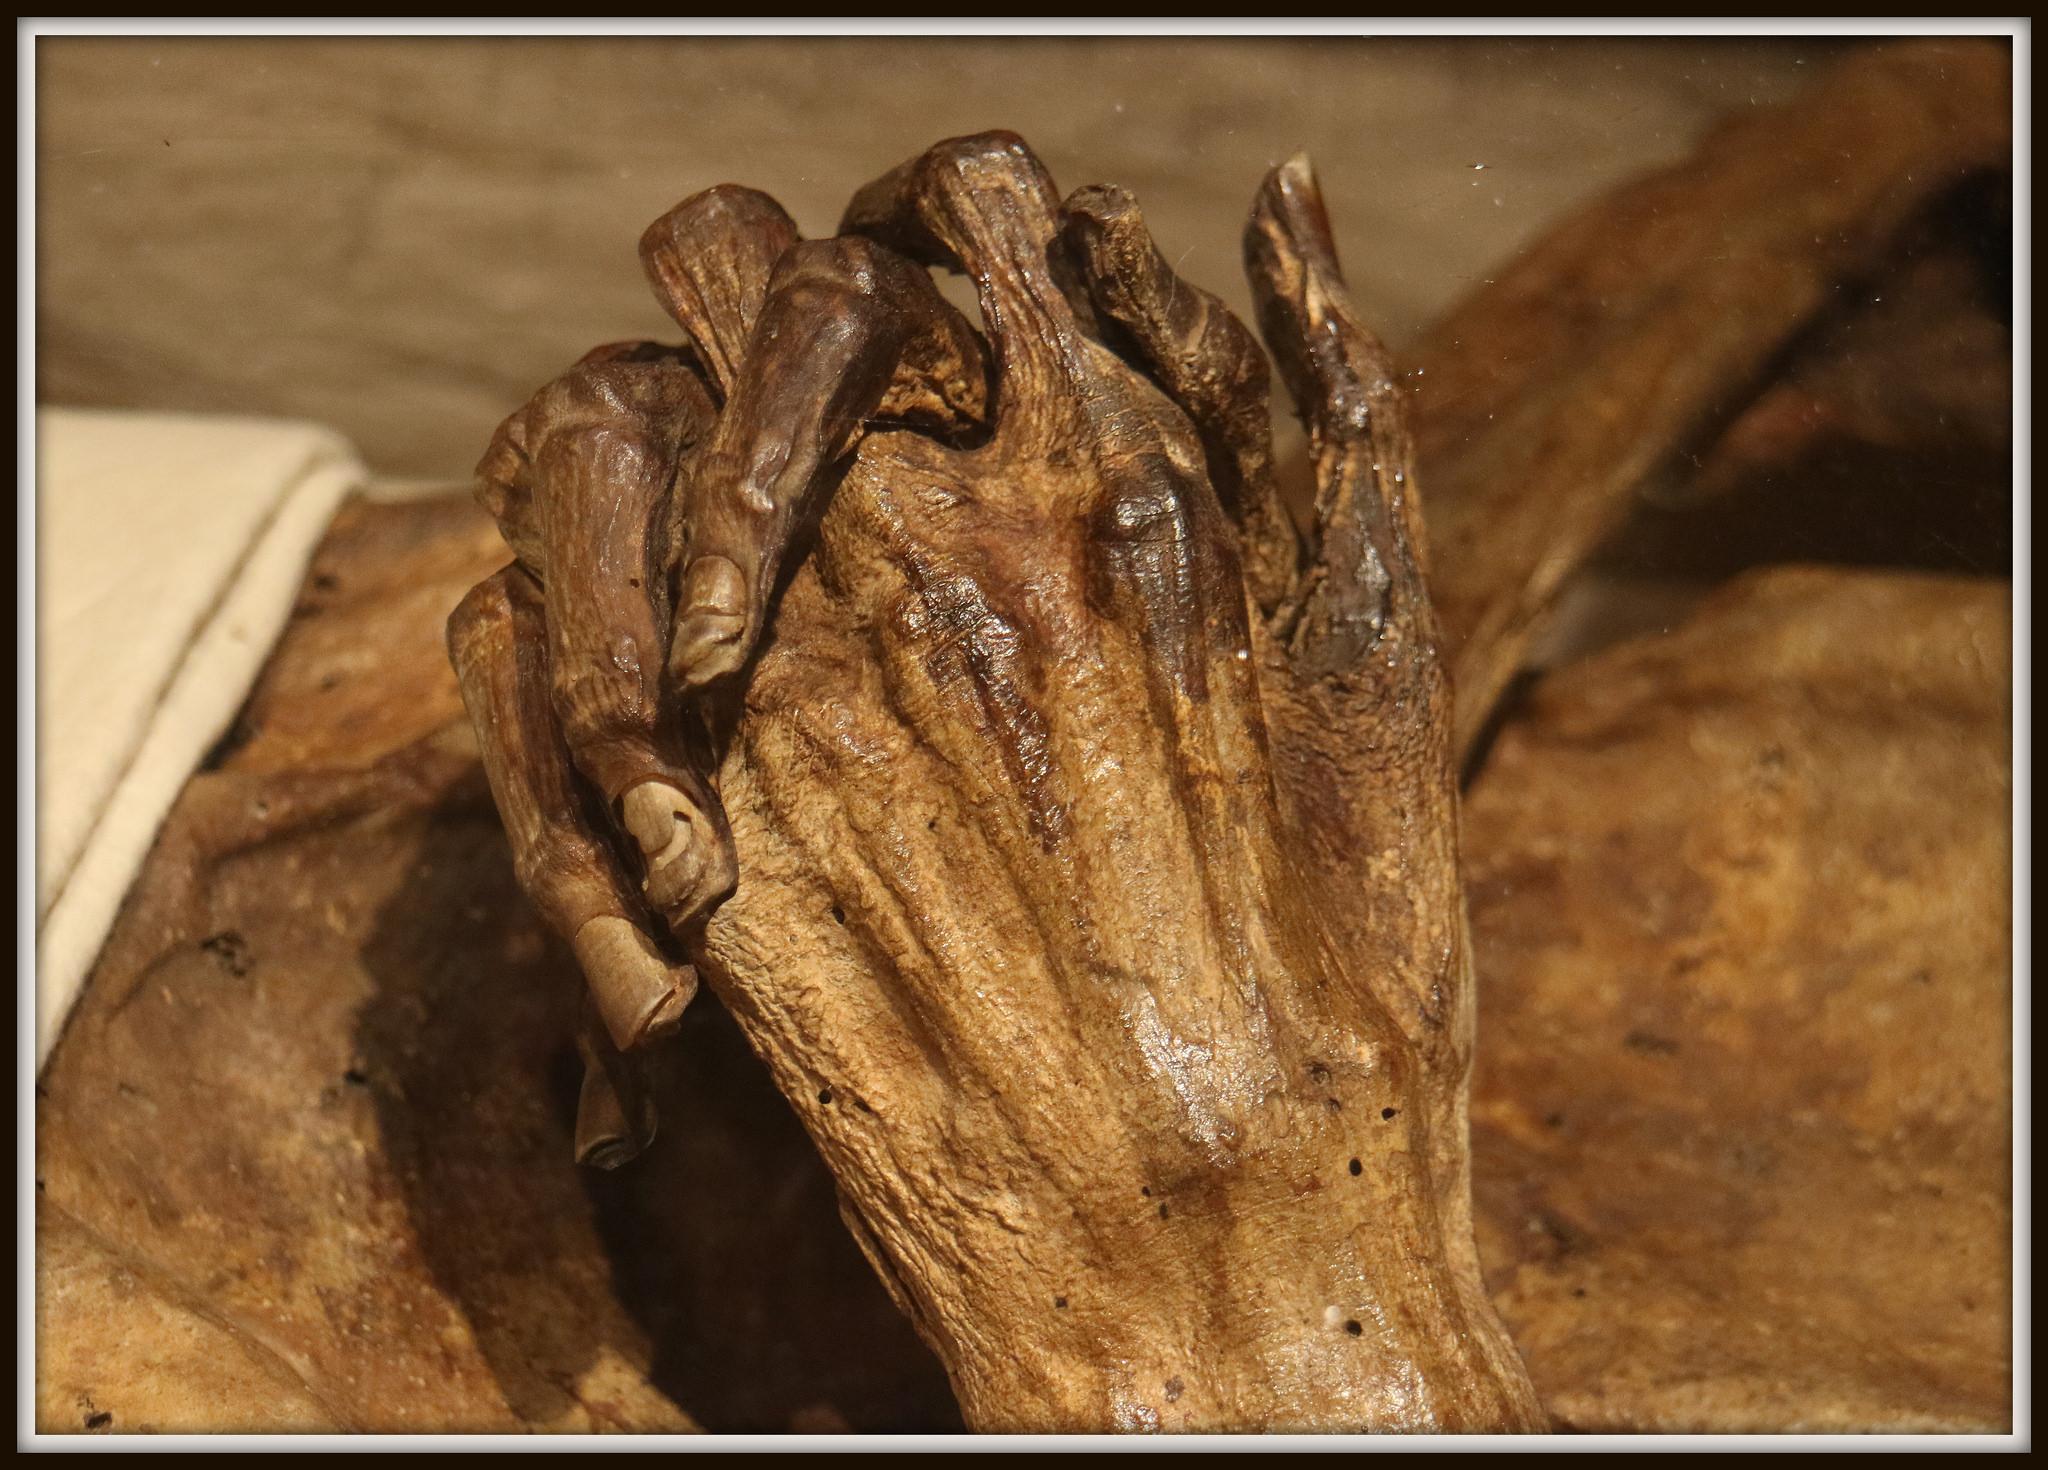 The Hands of Ritter Kahlbutz by Rolf Brecher.